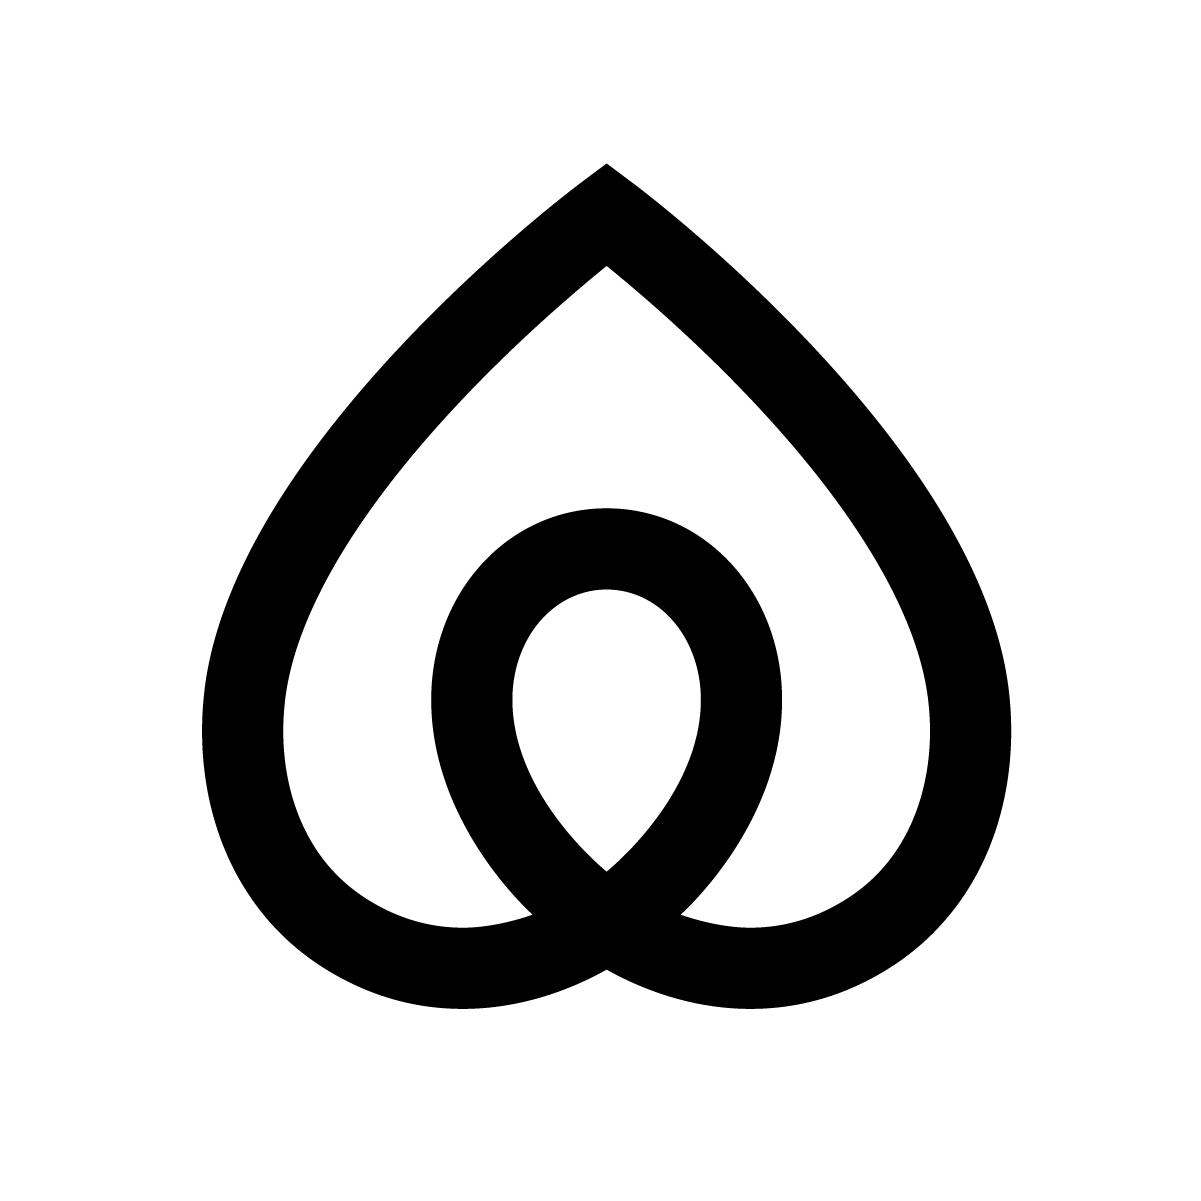 Seed symbols